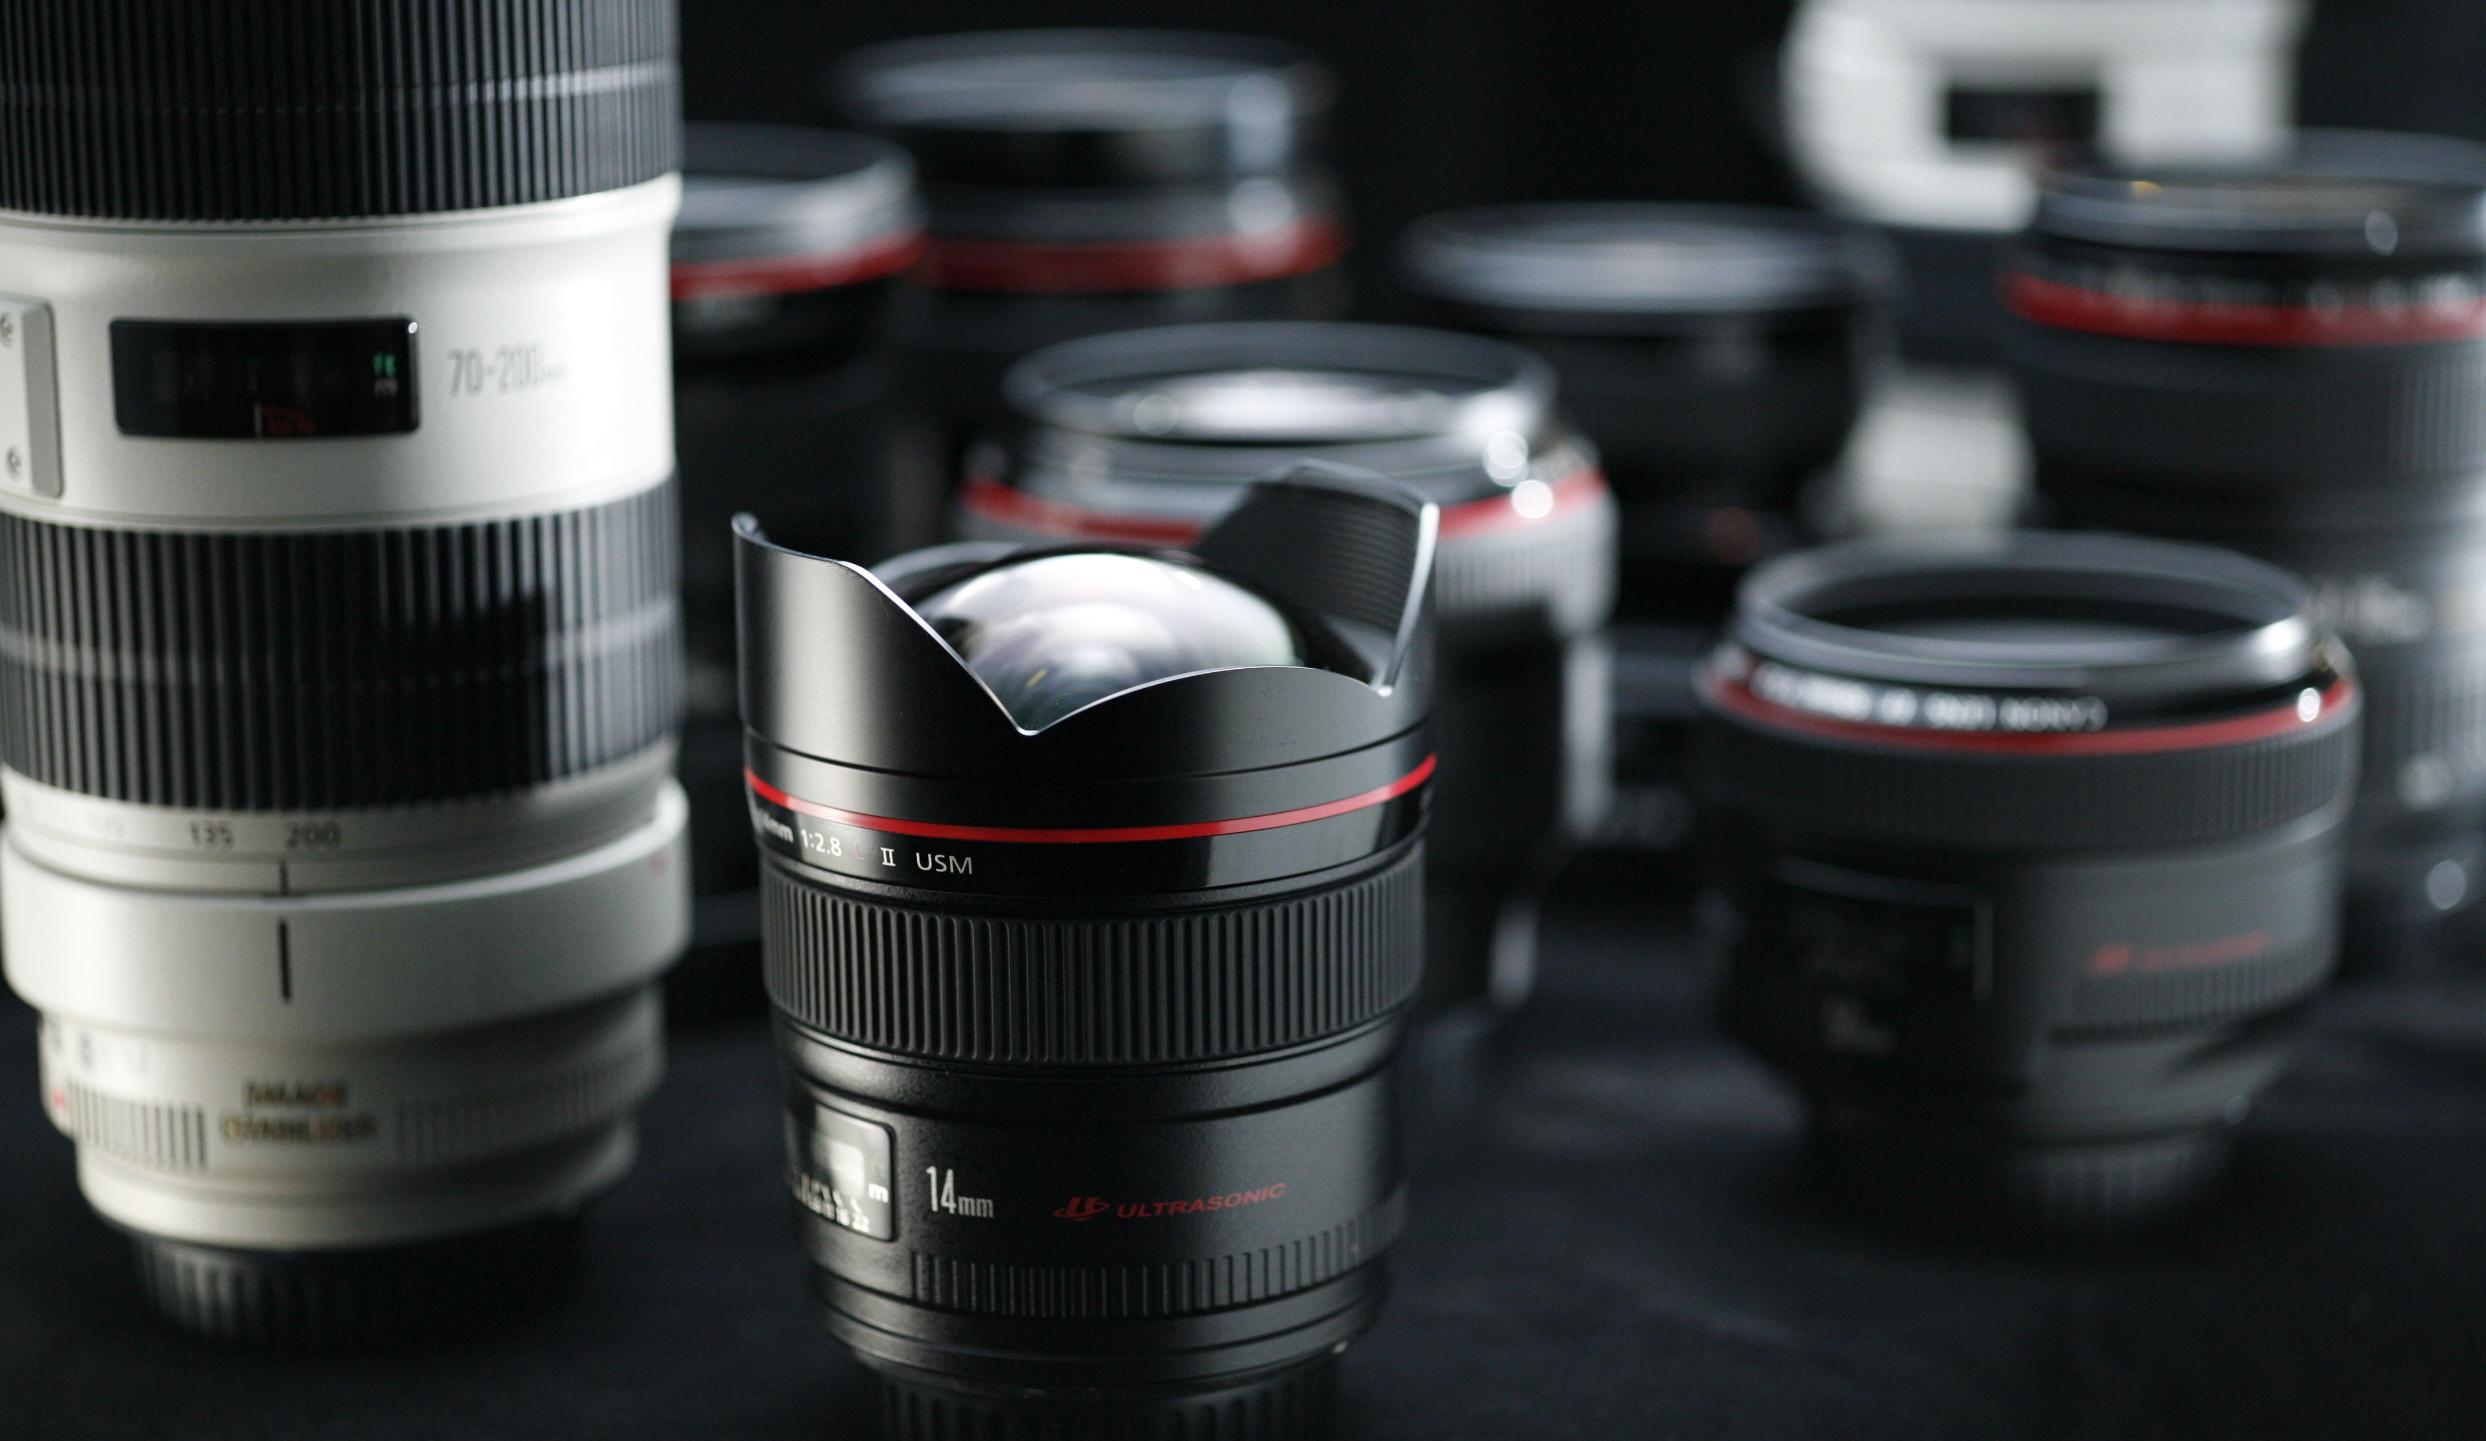 Φωτογραφική Μηχανή DSLR - Φακοί